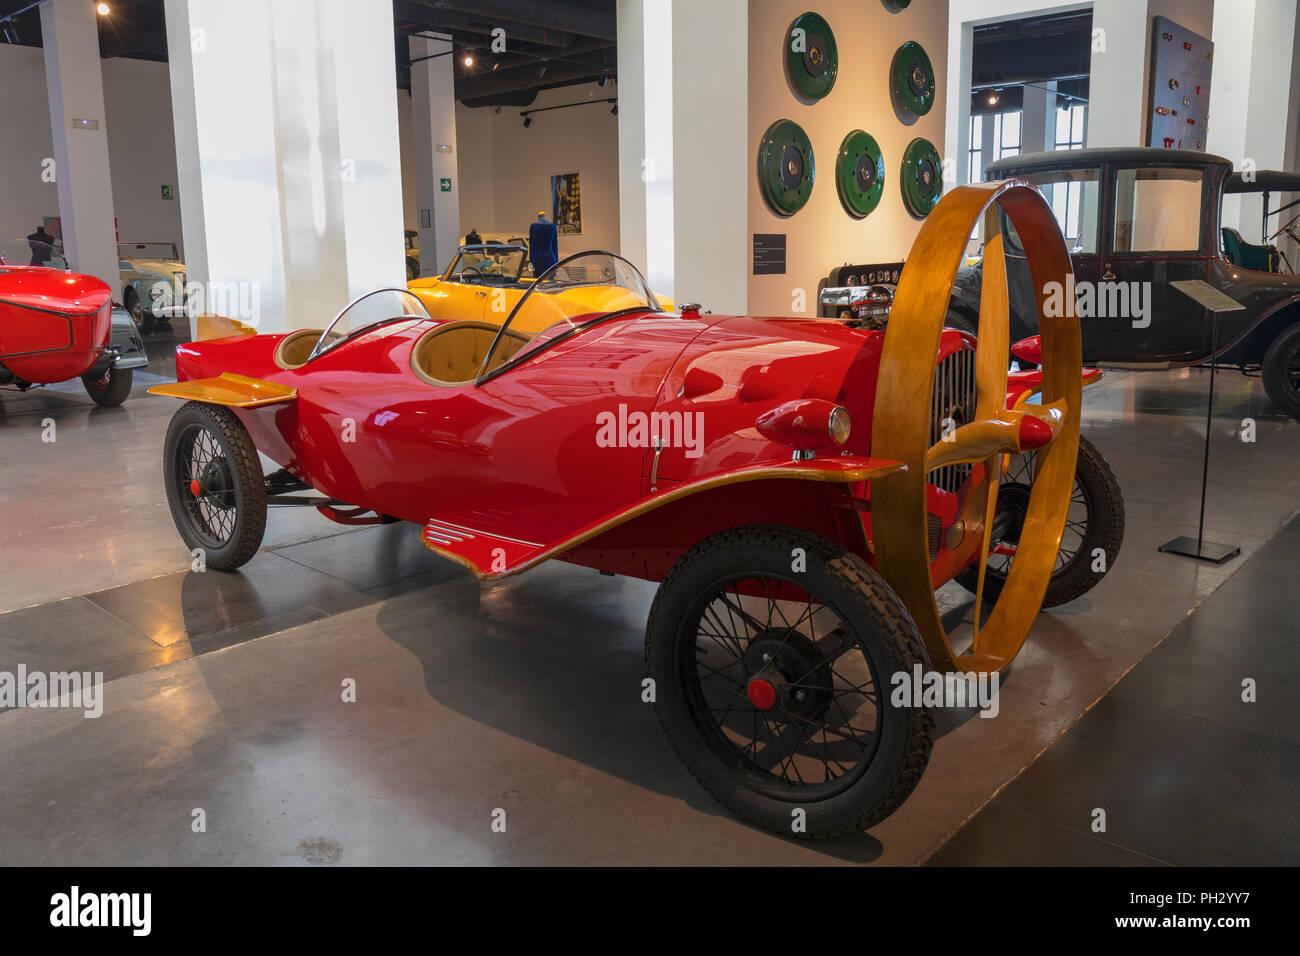 Museo automovilistico y de la Moda, Málaga, provincia de Málaga, España. Museo del Automóvil y de la moda. Prototipo de la hélice accionada Helicron 2, Bui Imagen De Stock